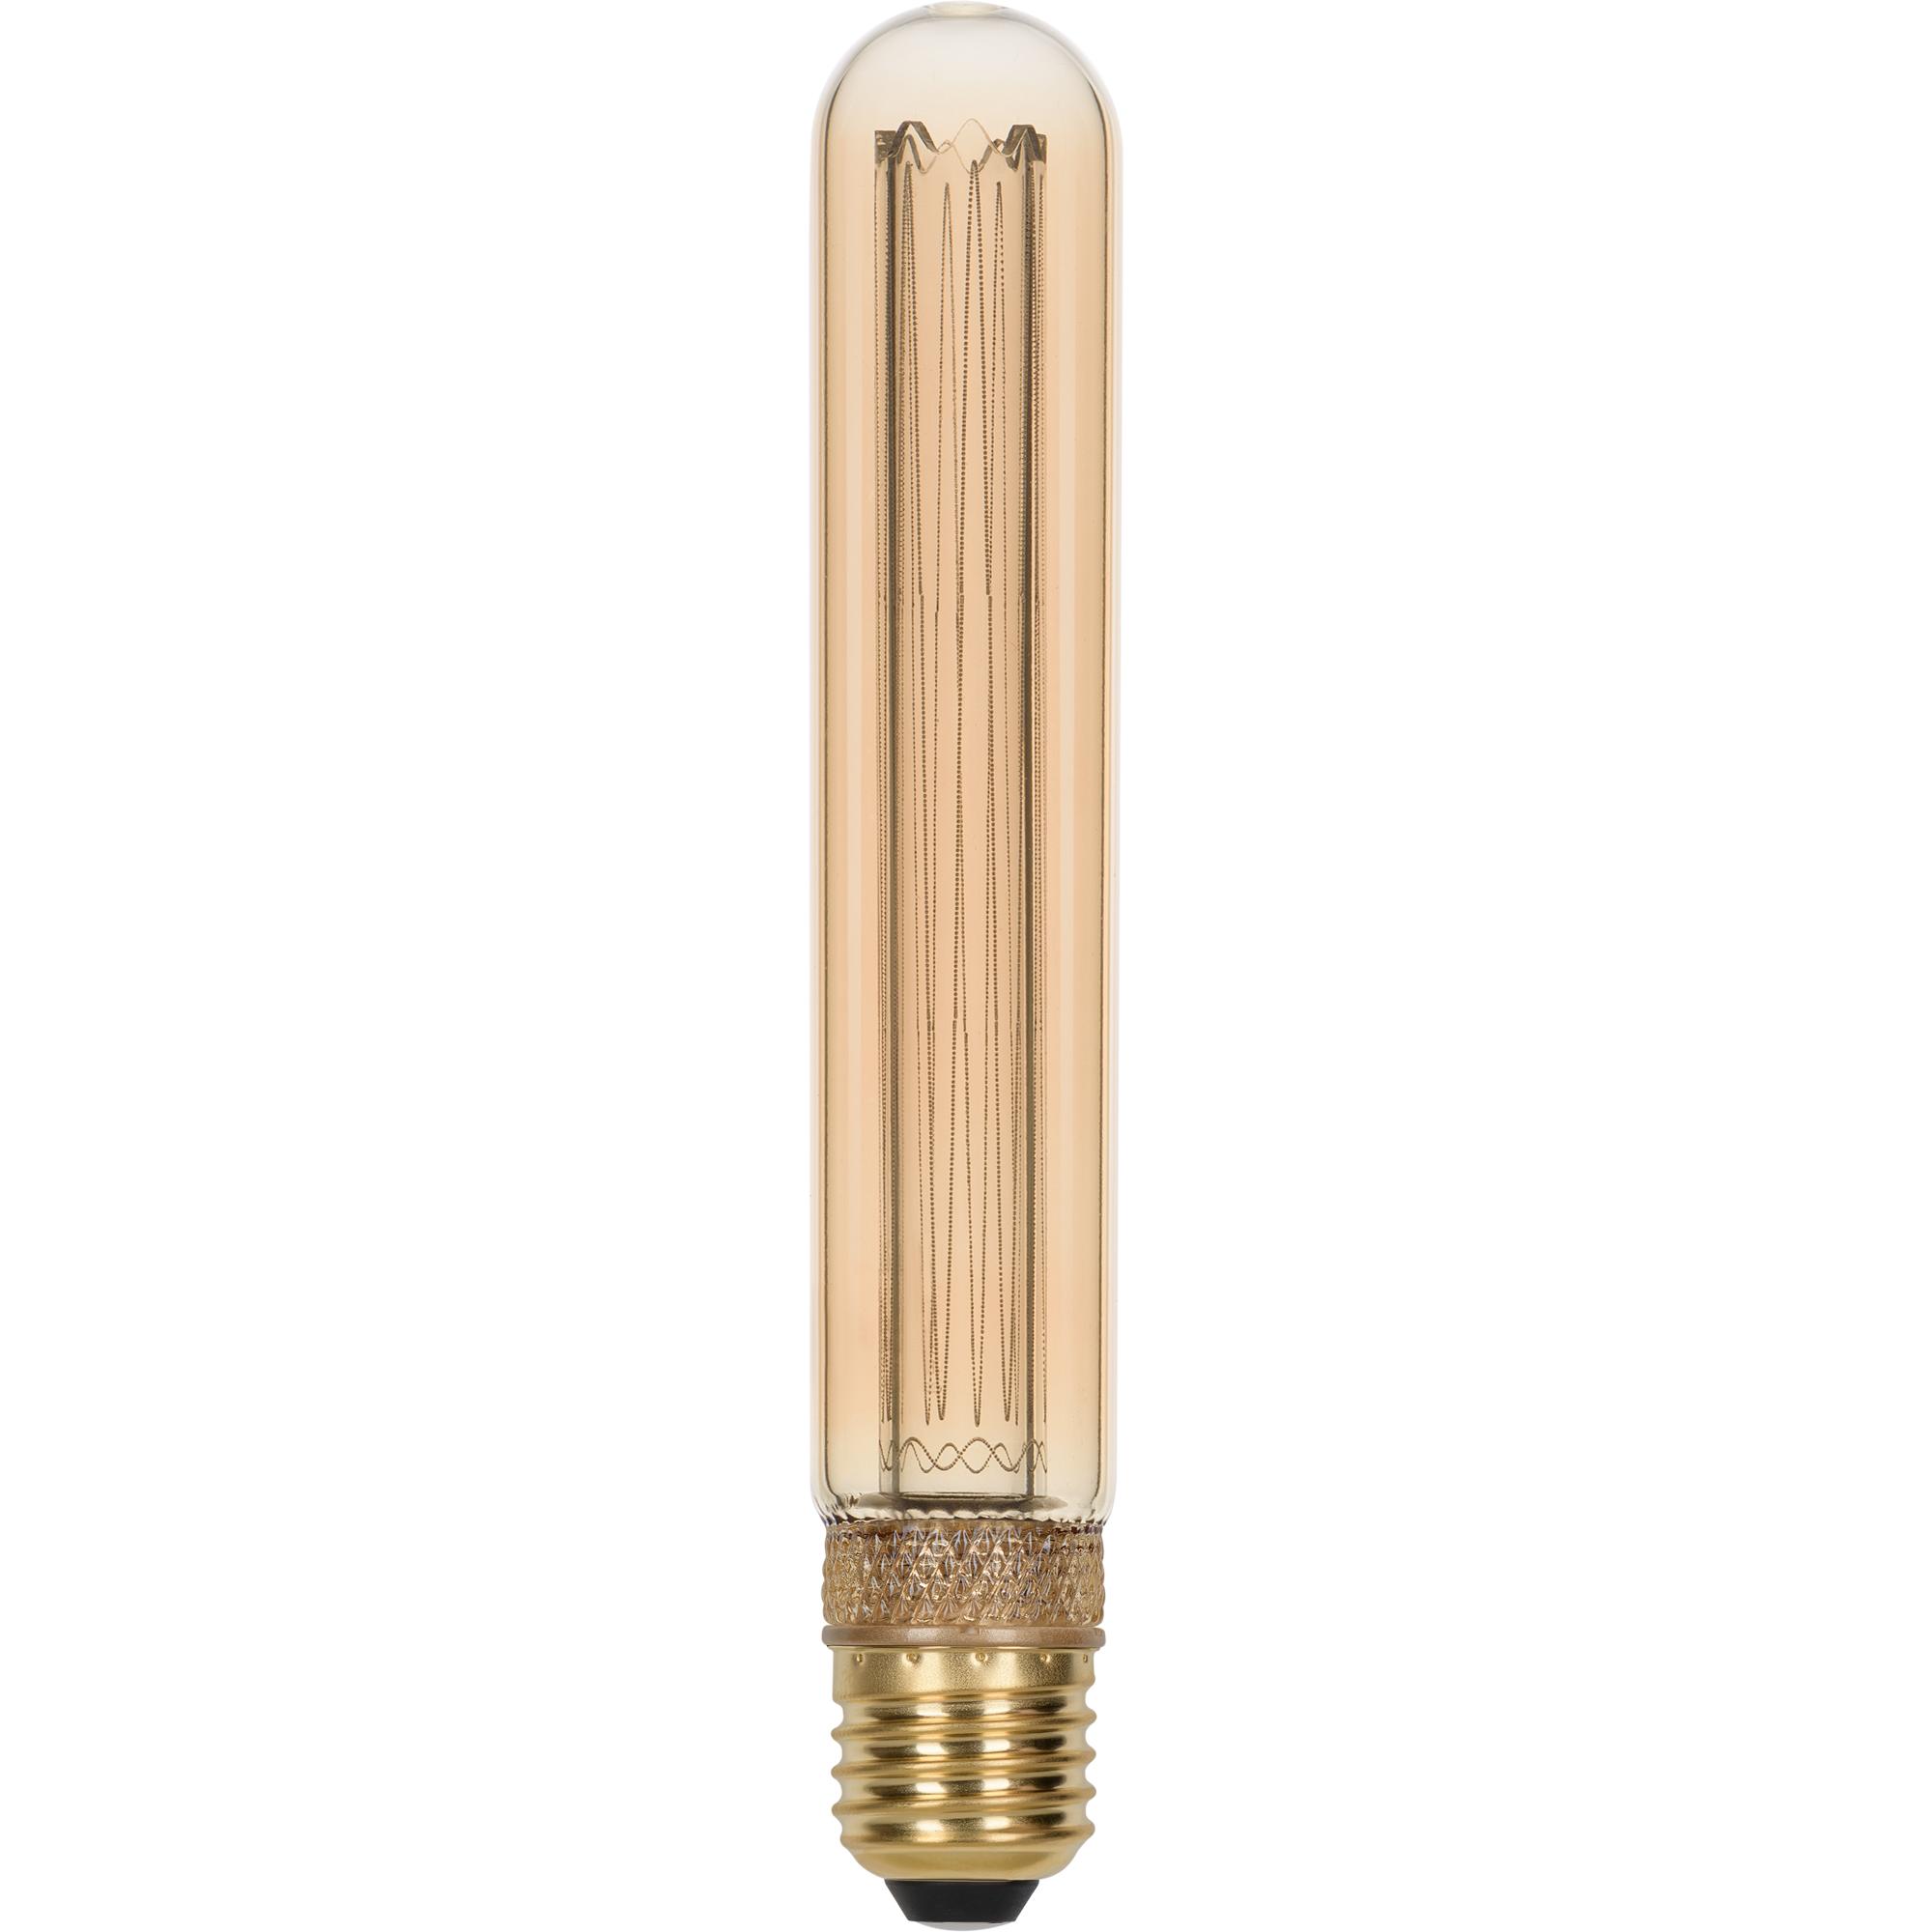 Лампа светодиодная филаментная Gauss Vintage E27 230 В 2.5 Вт трубка 70 лм свет янтарный